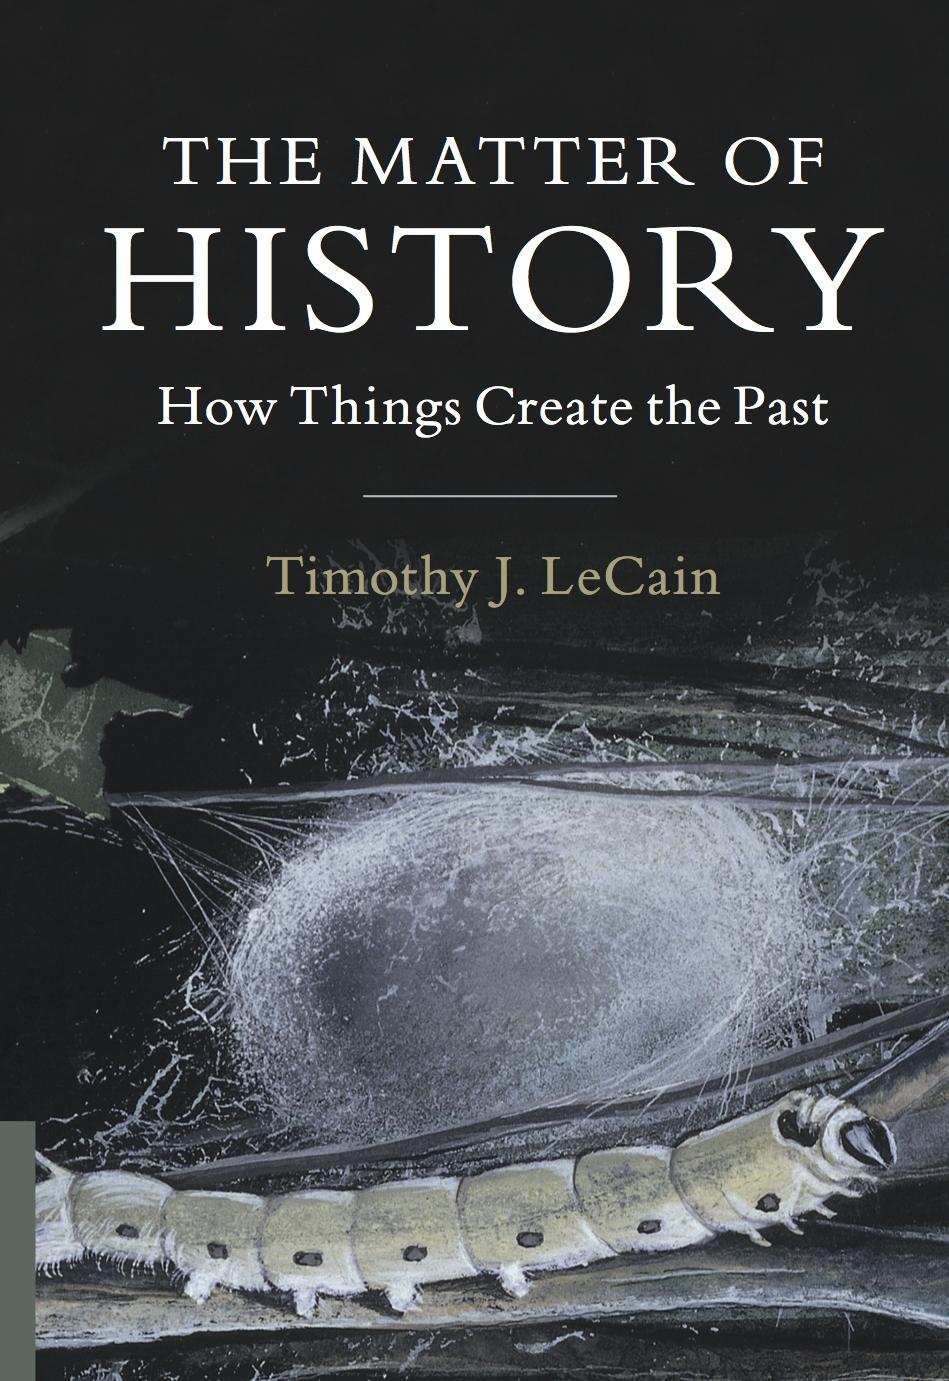 Matter of History Cover.jpg